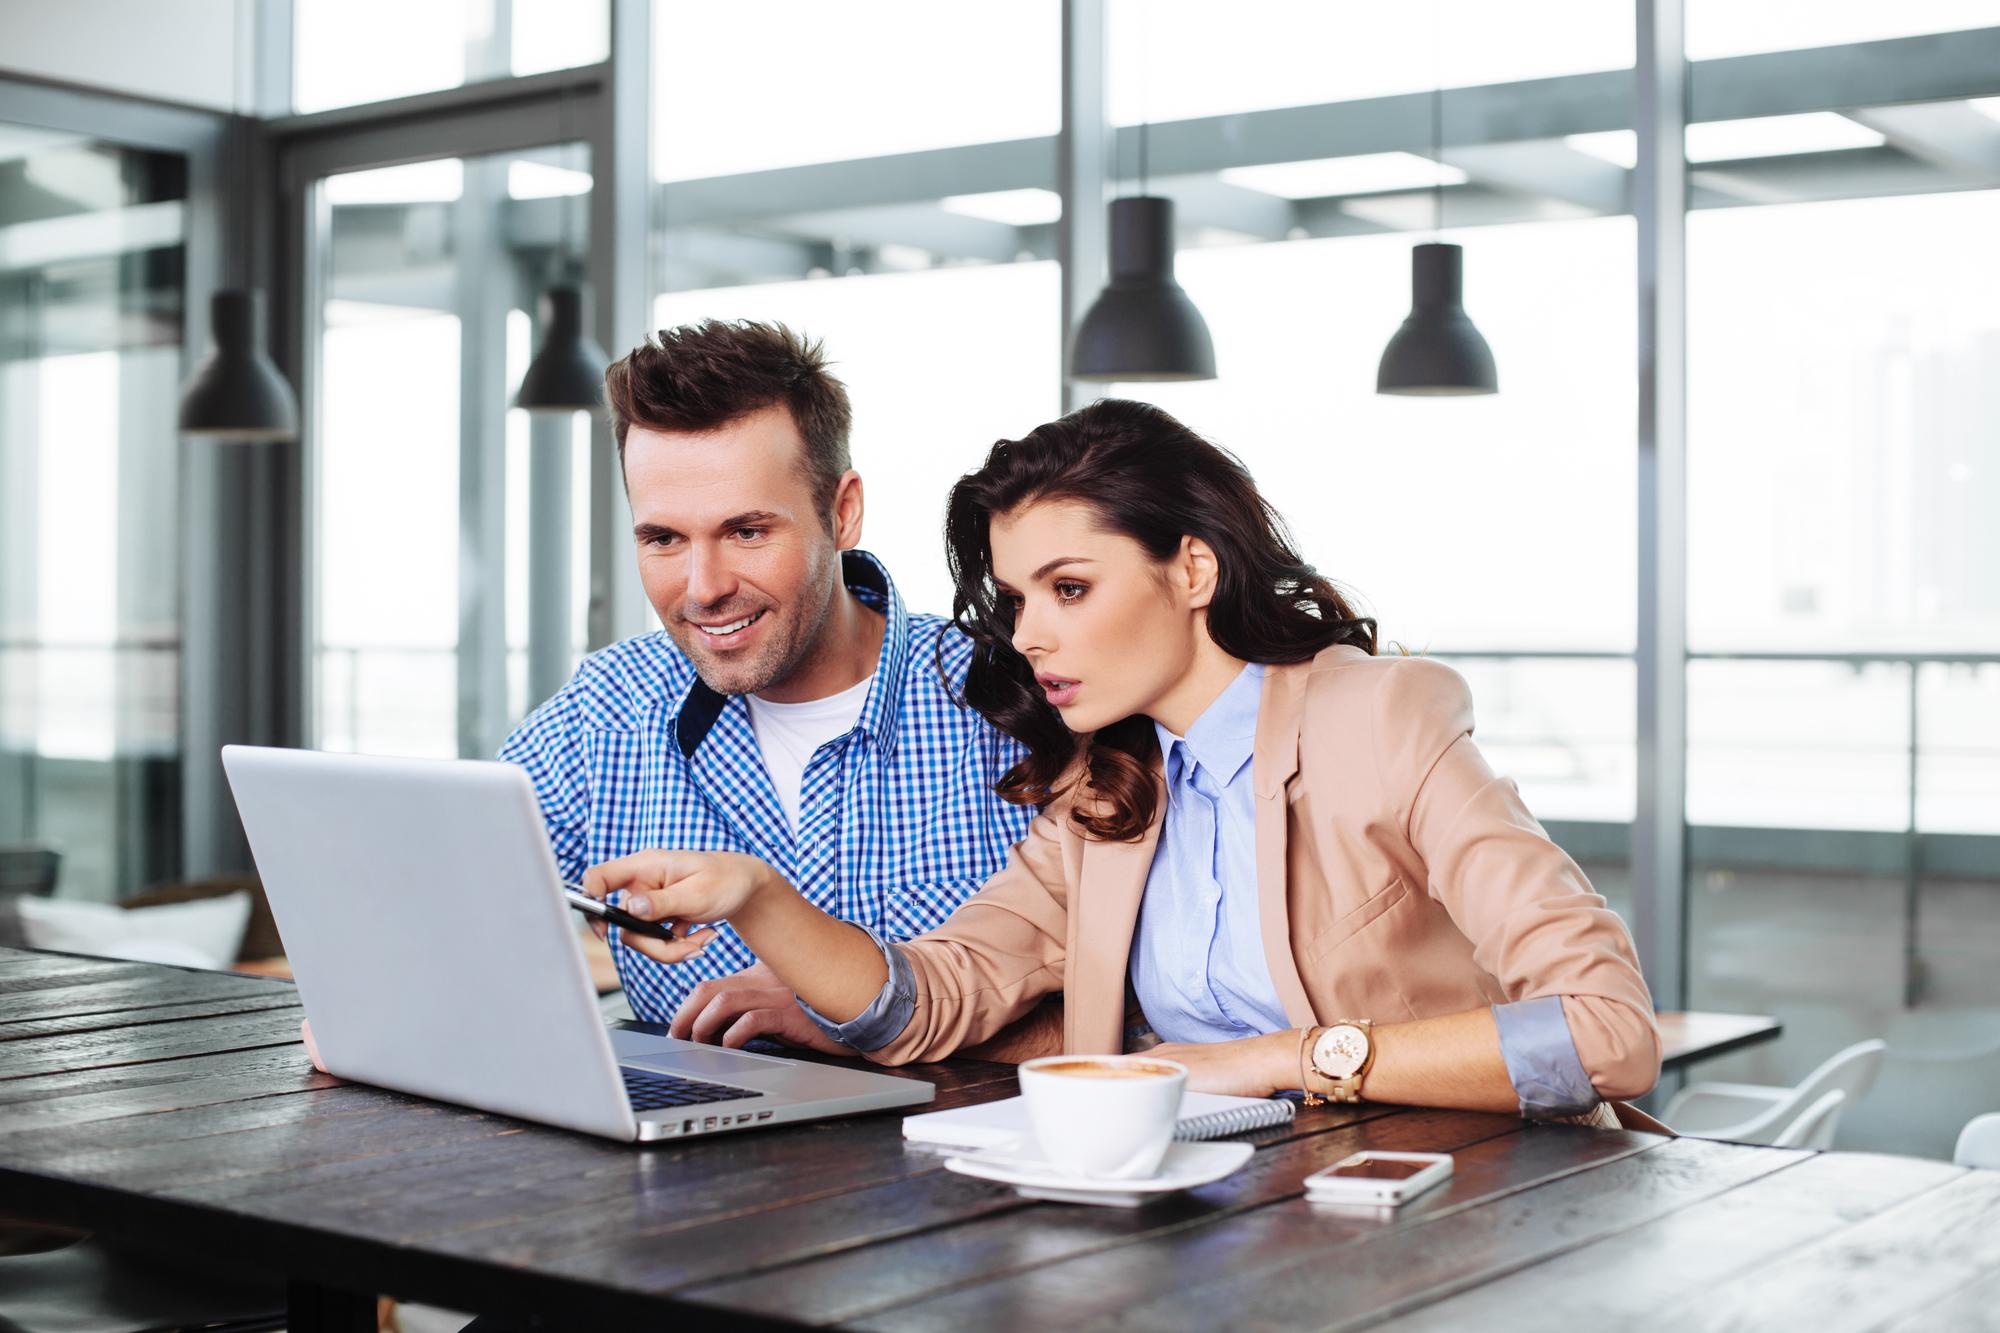 Depositphotos 39608491 l 2015 - Как зарабатывать на партнерках с нуля, сидя на диване (гарантированная схема) – Пошаговый план